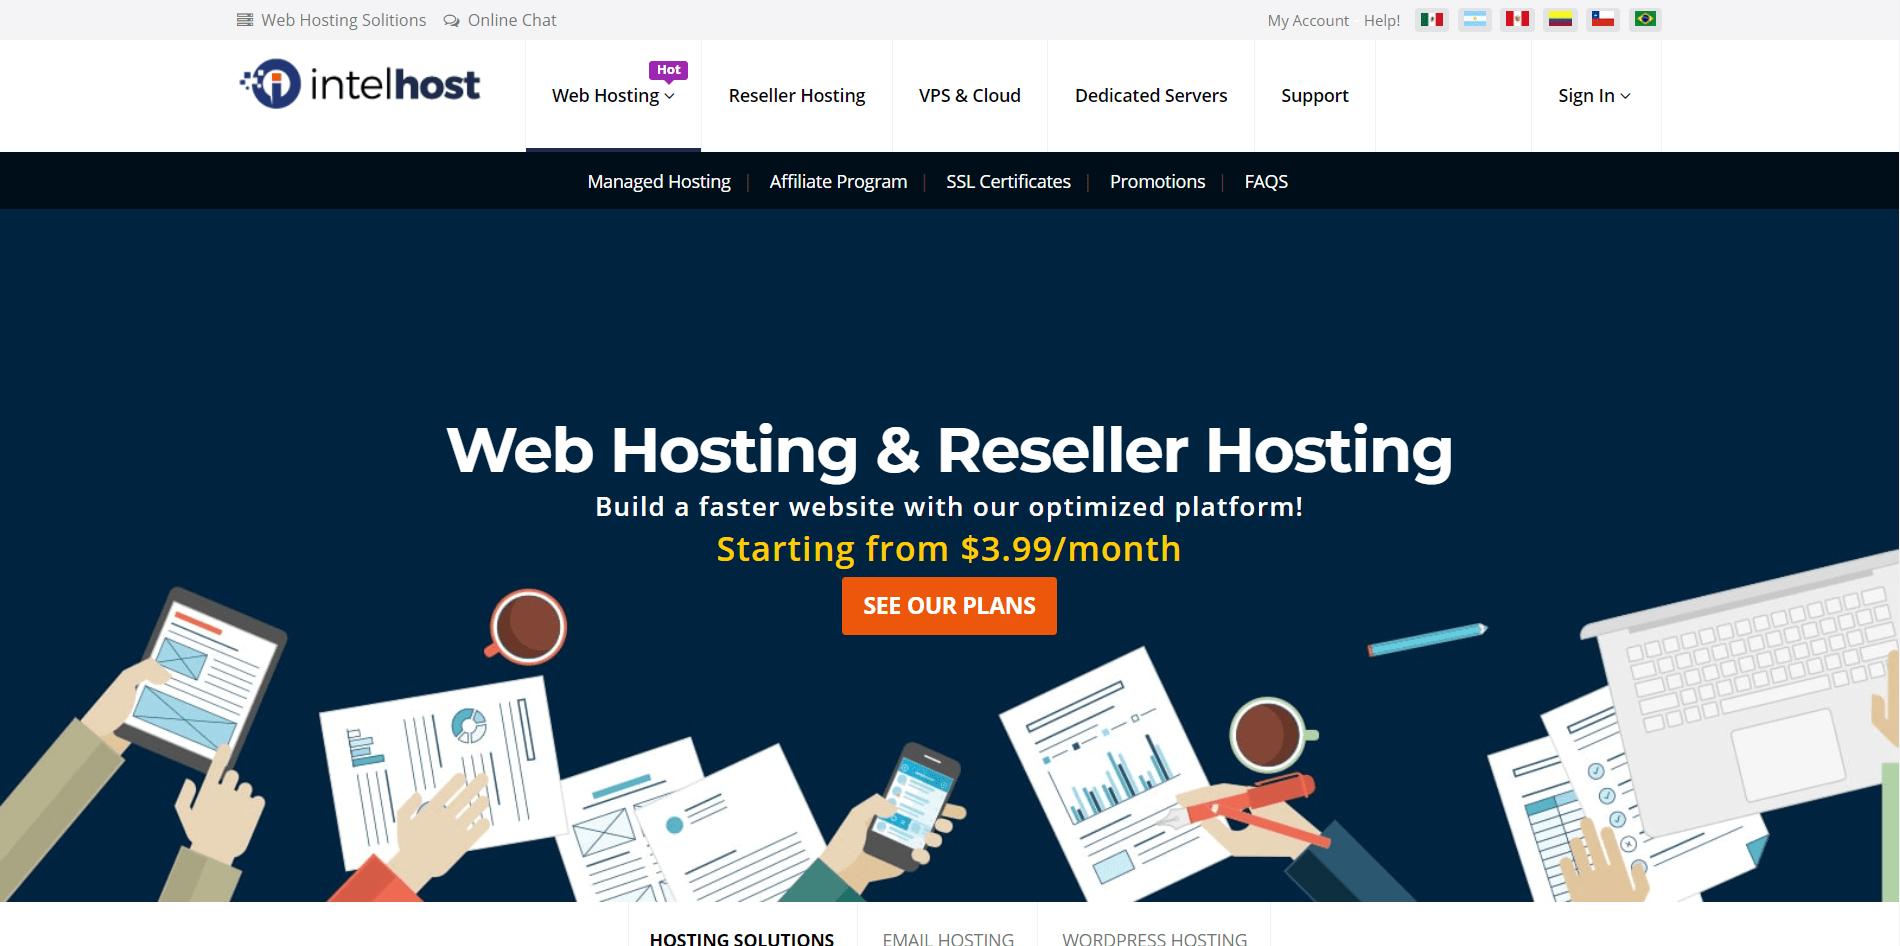 Intelhost Main Page